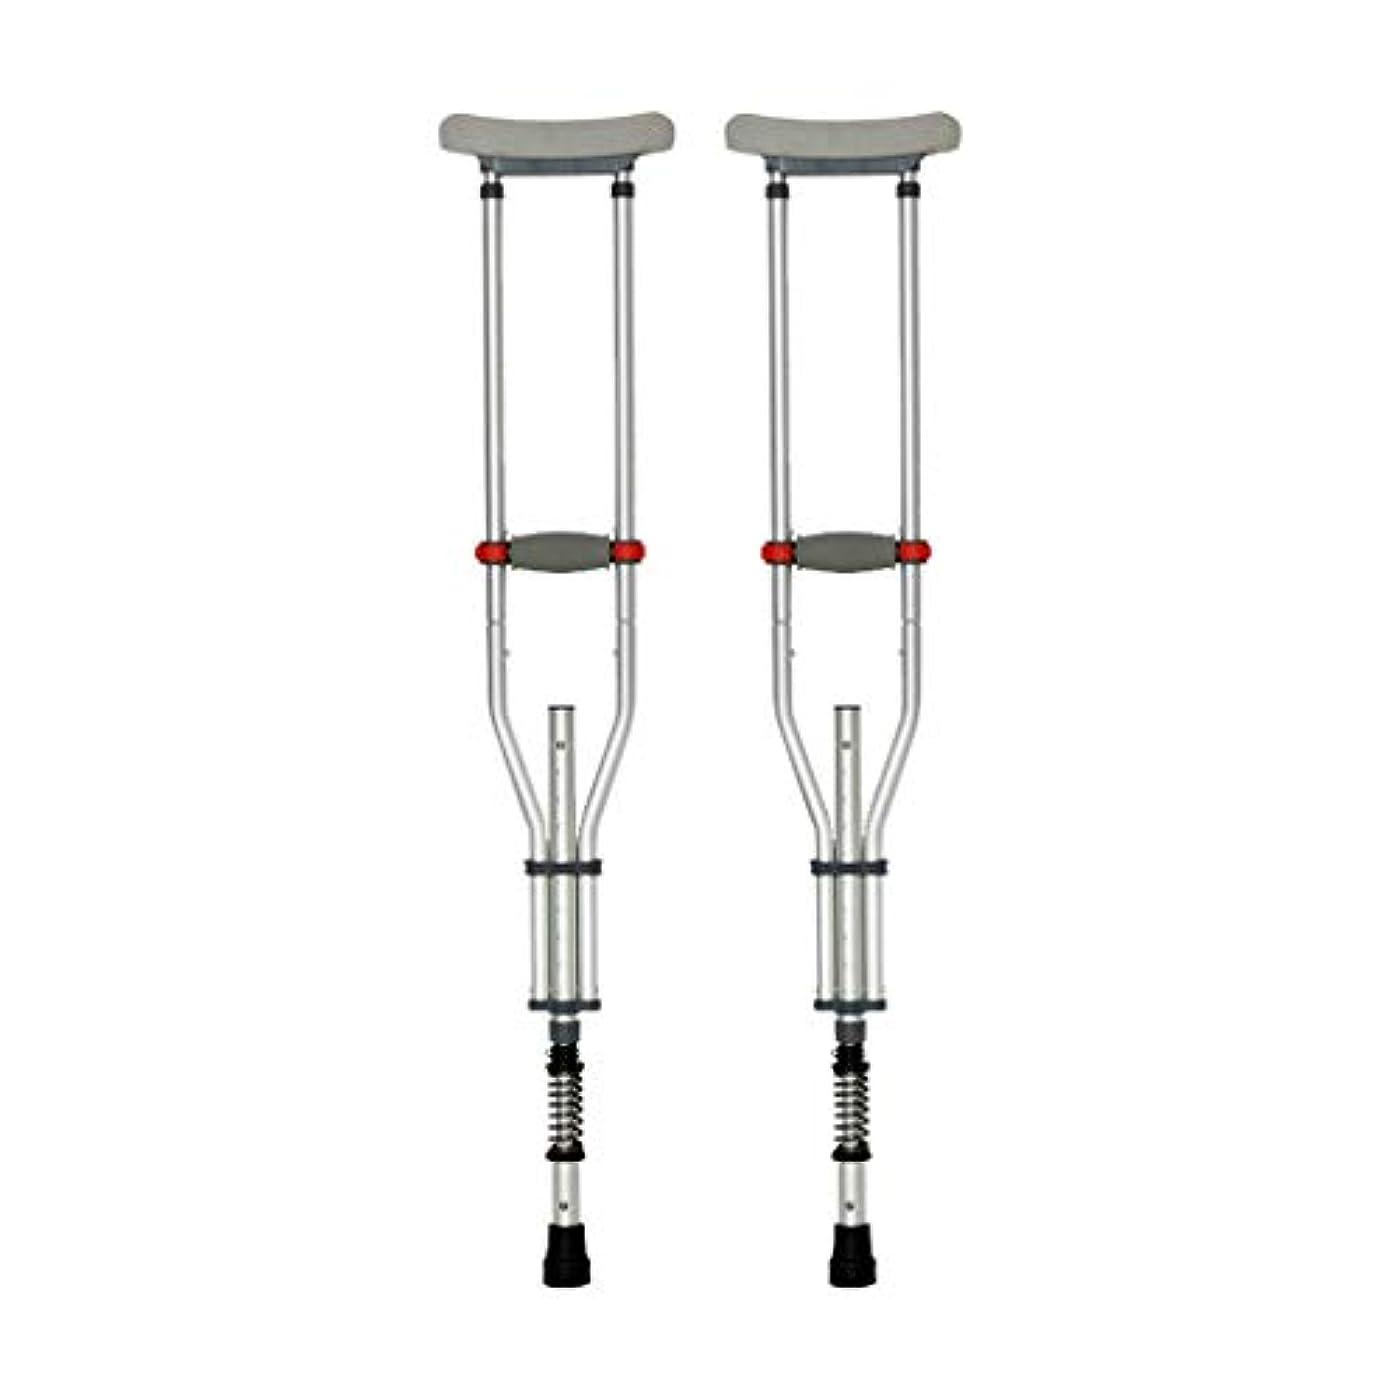 保険ラフ睡眠より多い折り畳み式歩行器、屋内滑り止め脇の下松葉杖、アルミ合金格納式シルバー衝撃吸収松葉杖、108-160 cmで骨折